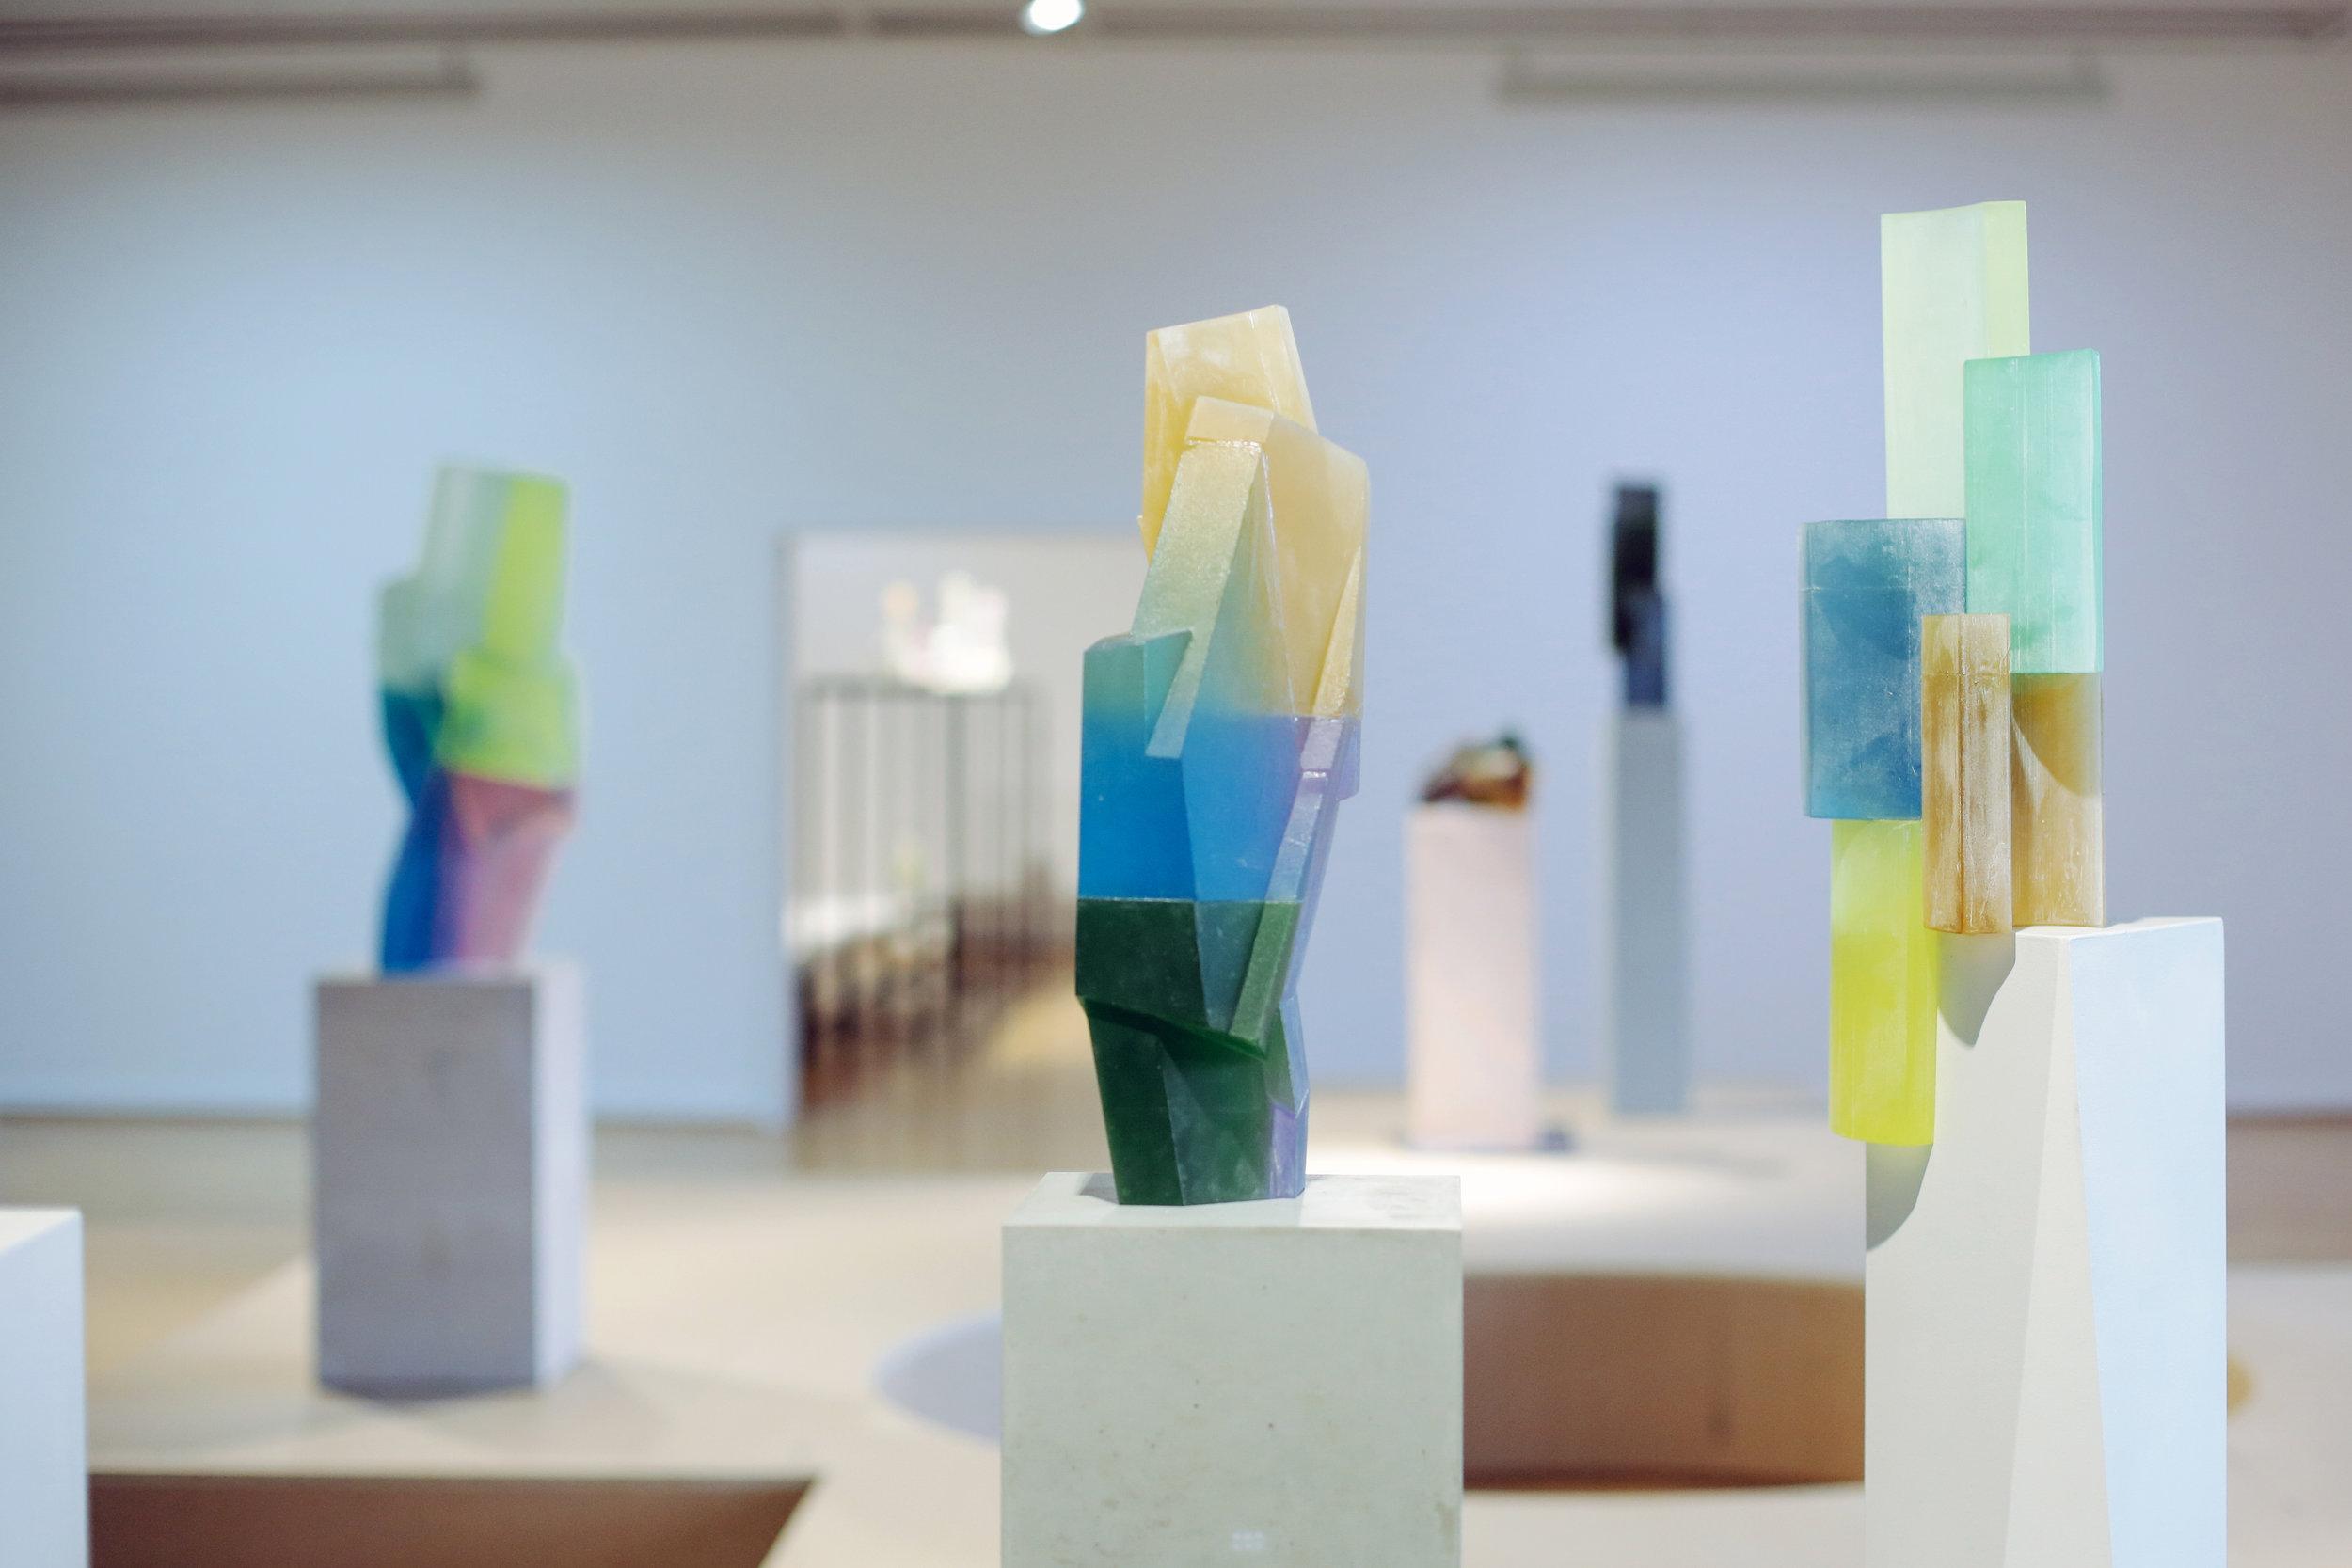 Exhibition Städtische Galerie Wolfsburg (until 16 December 2016)